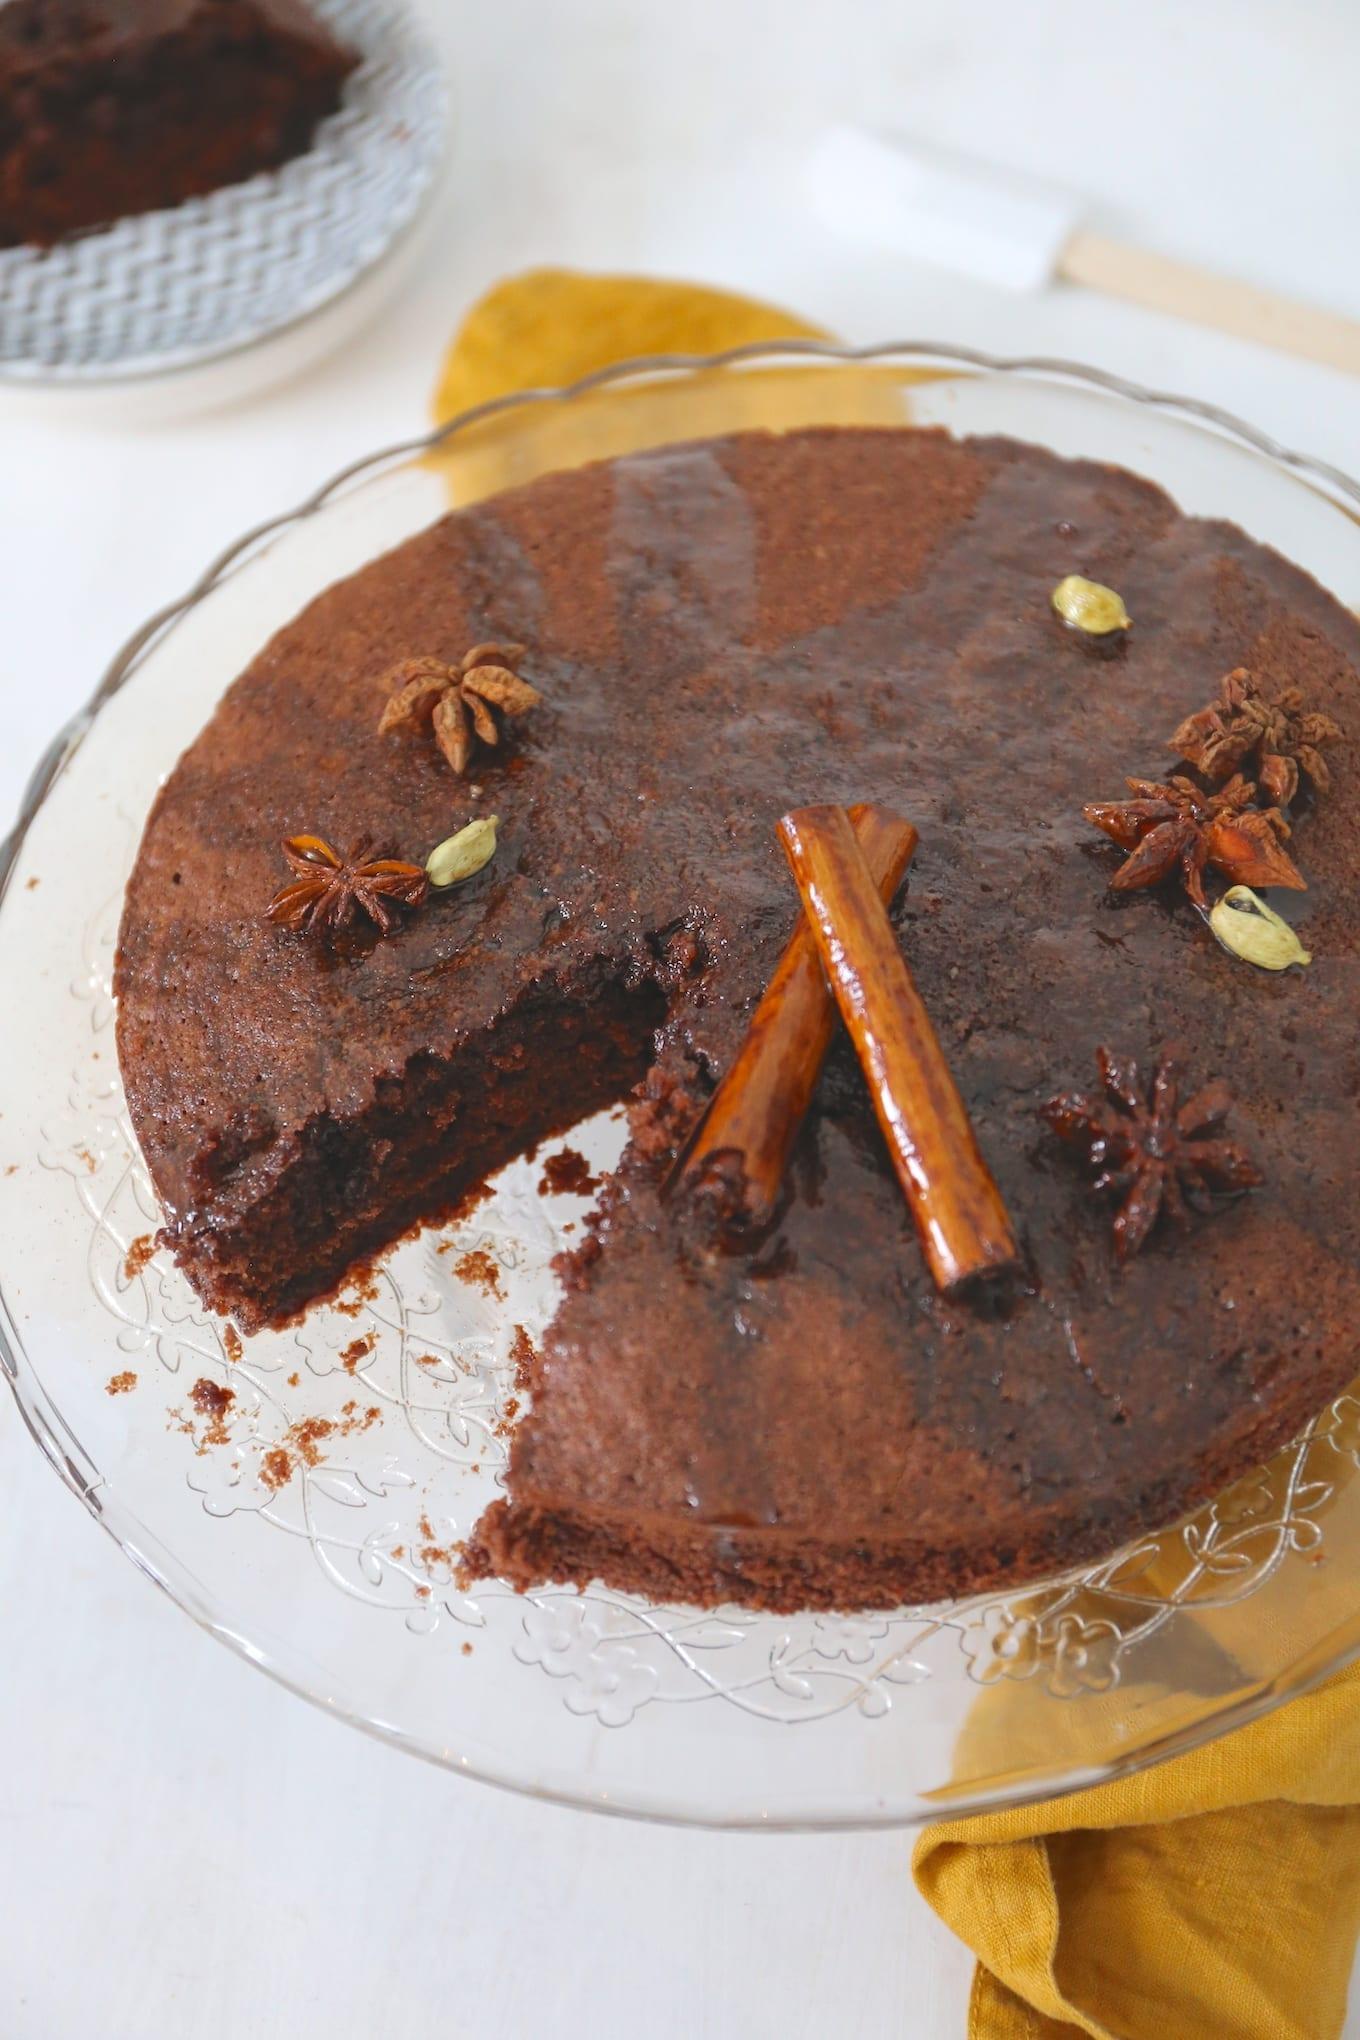 Chocoladecake met kruidige suikersiroop